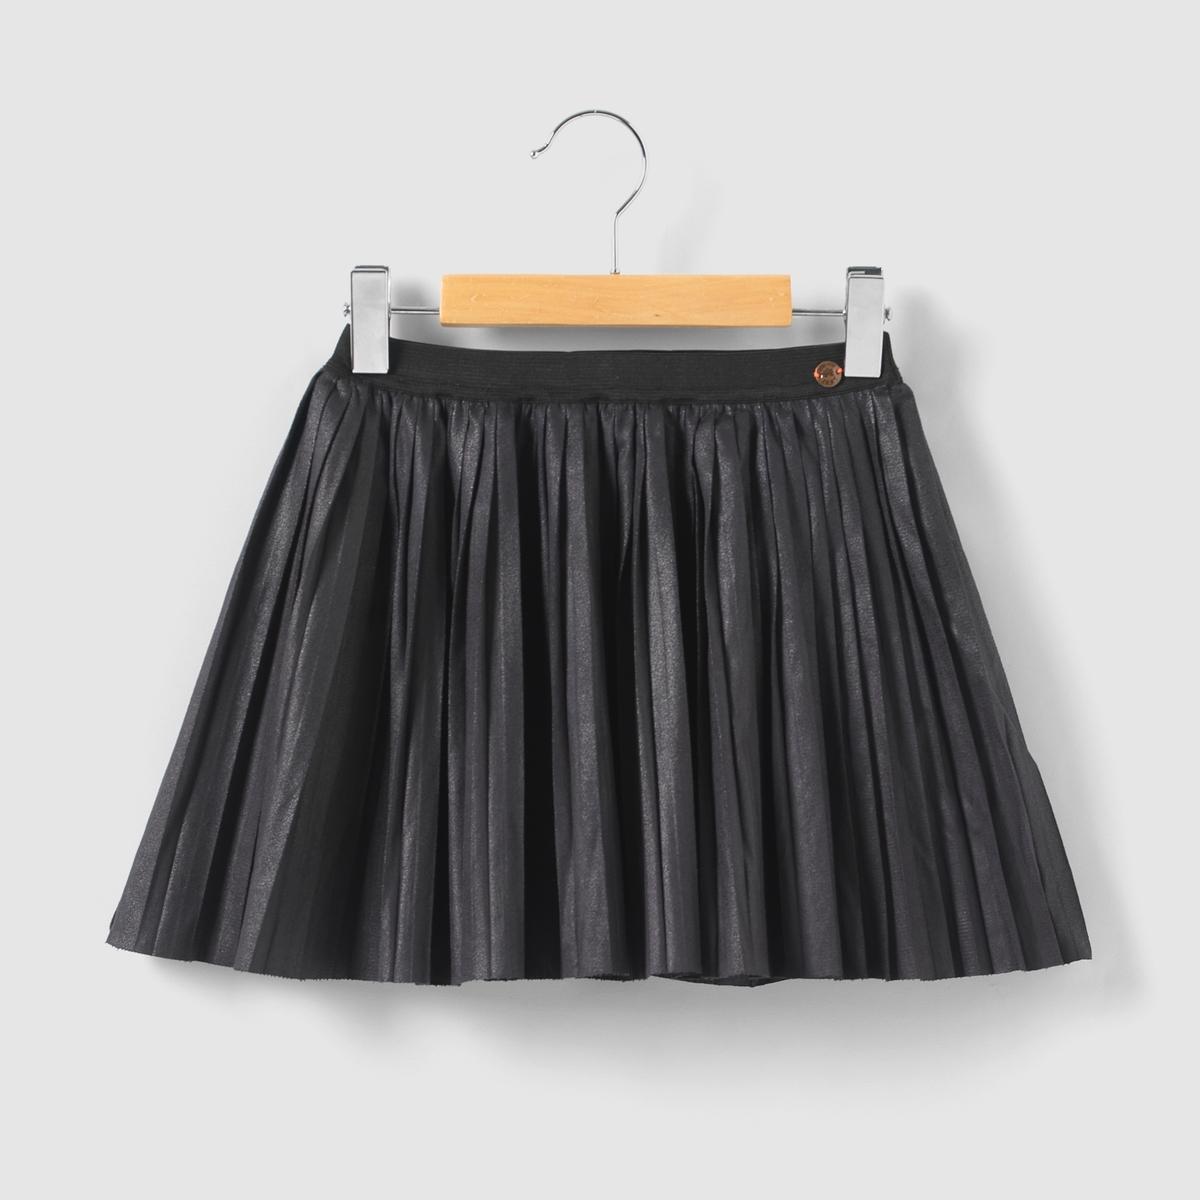 Юбка плиссированная, 3-14 летПлиссированная юбка с эластичным поясом. Эмблема IKKS медного цвета на поясе.Состав и описание : Материал       87% полиэстера, 13% эластанаДлина    выше коленМарка IKKS Junior  Уход :Машинная стирка при 30°C с вещами подобных цветов.Стирать, предварительно вывернув наизнанку.Машинная сушка запрещена.Не гладить.<br><br>Цвет: черный<br>Размер: 10 лет - 138 см.8 лет - 126 см.4 года - 102 см